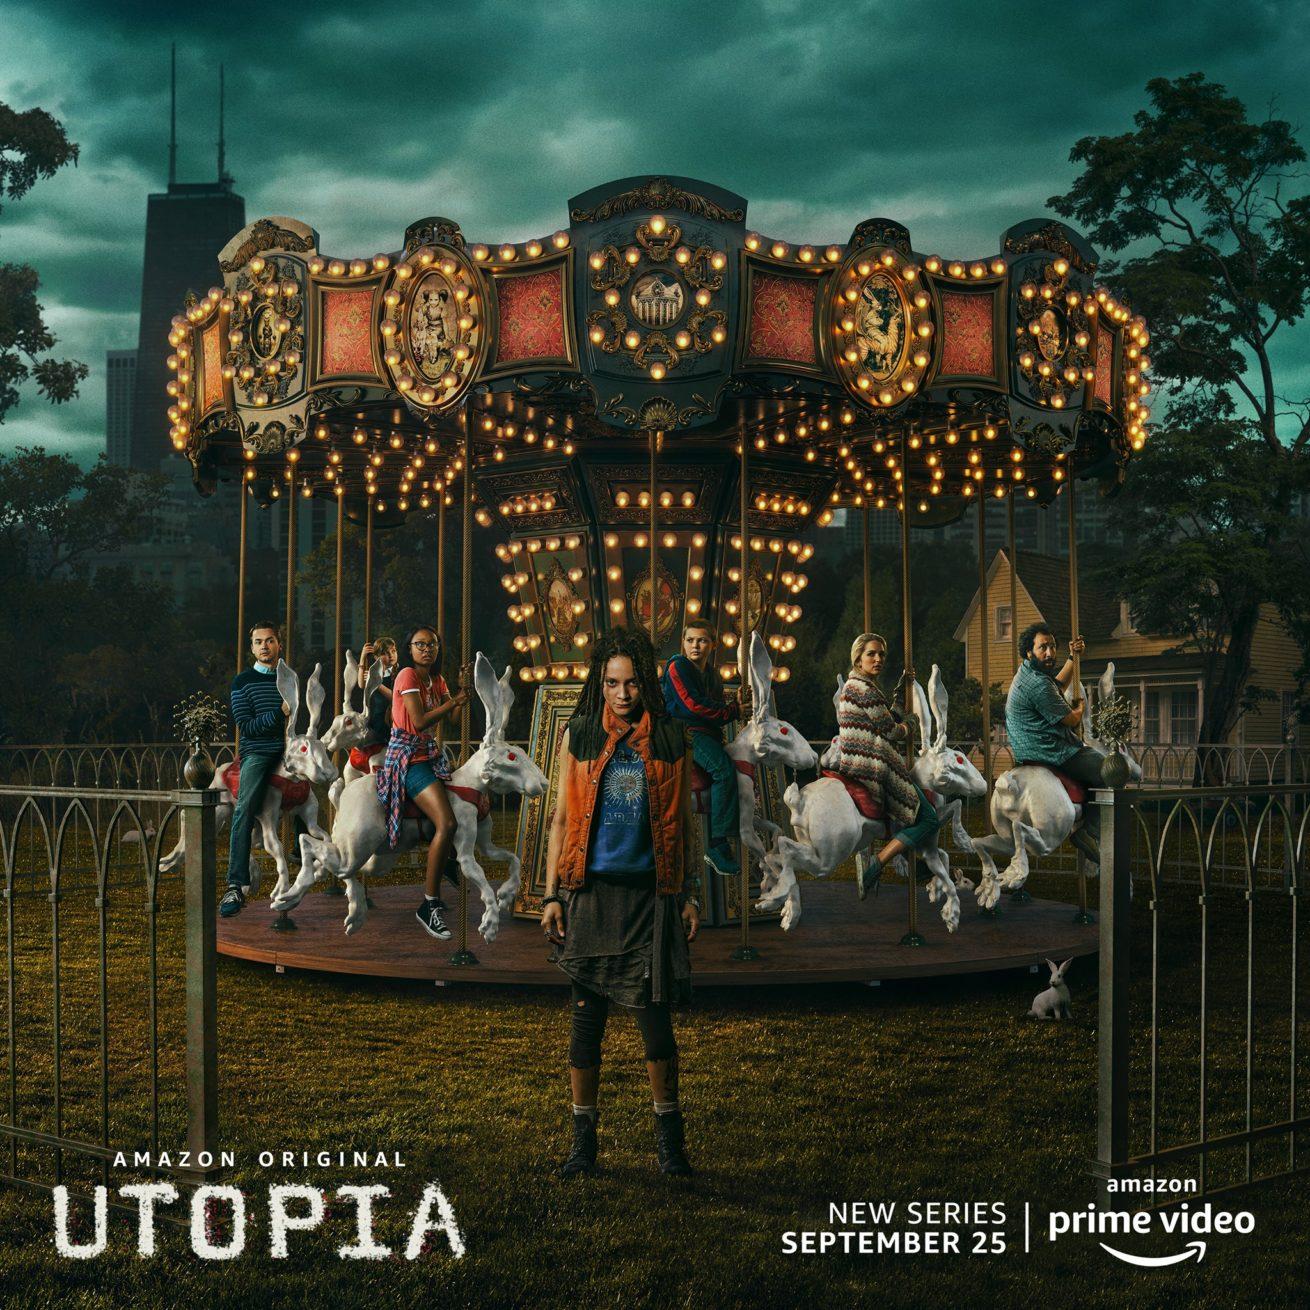 utopia'nın abd uyarlamasından yeni fragman